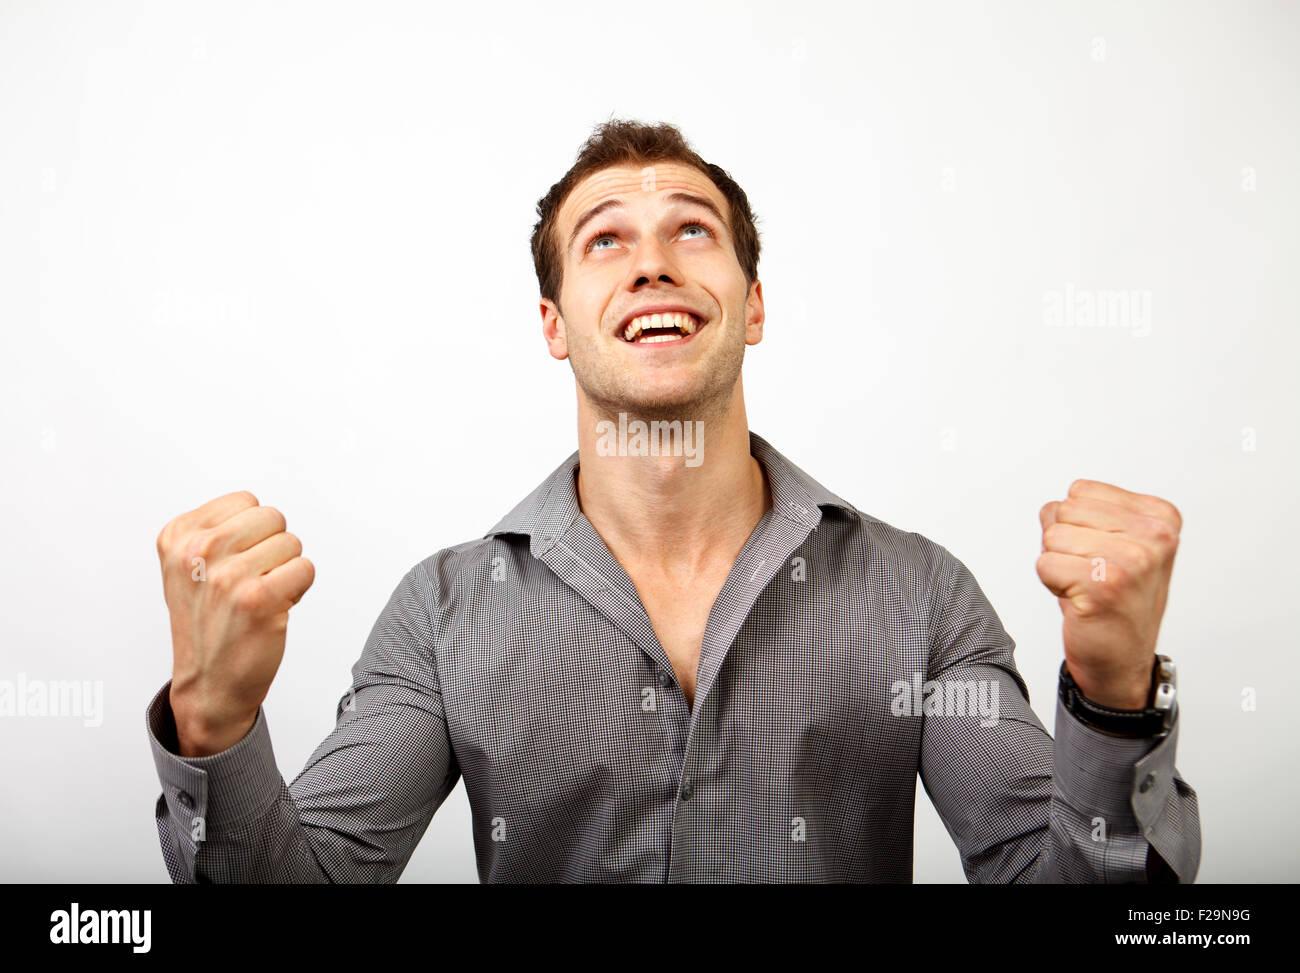 Gagner ou succès concept - homme joyeux heureux pour sa chance Photo Stock